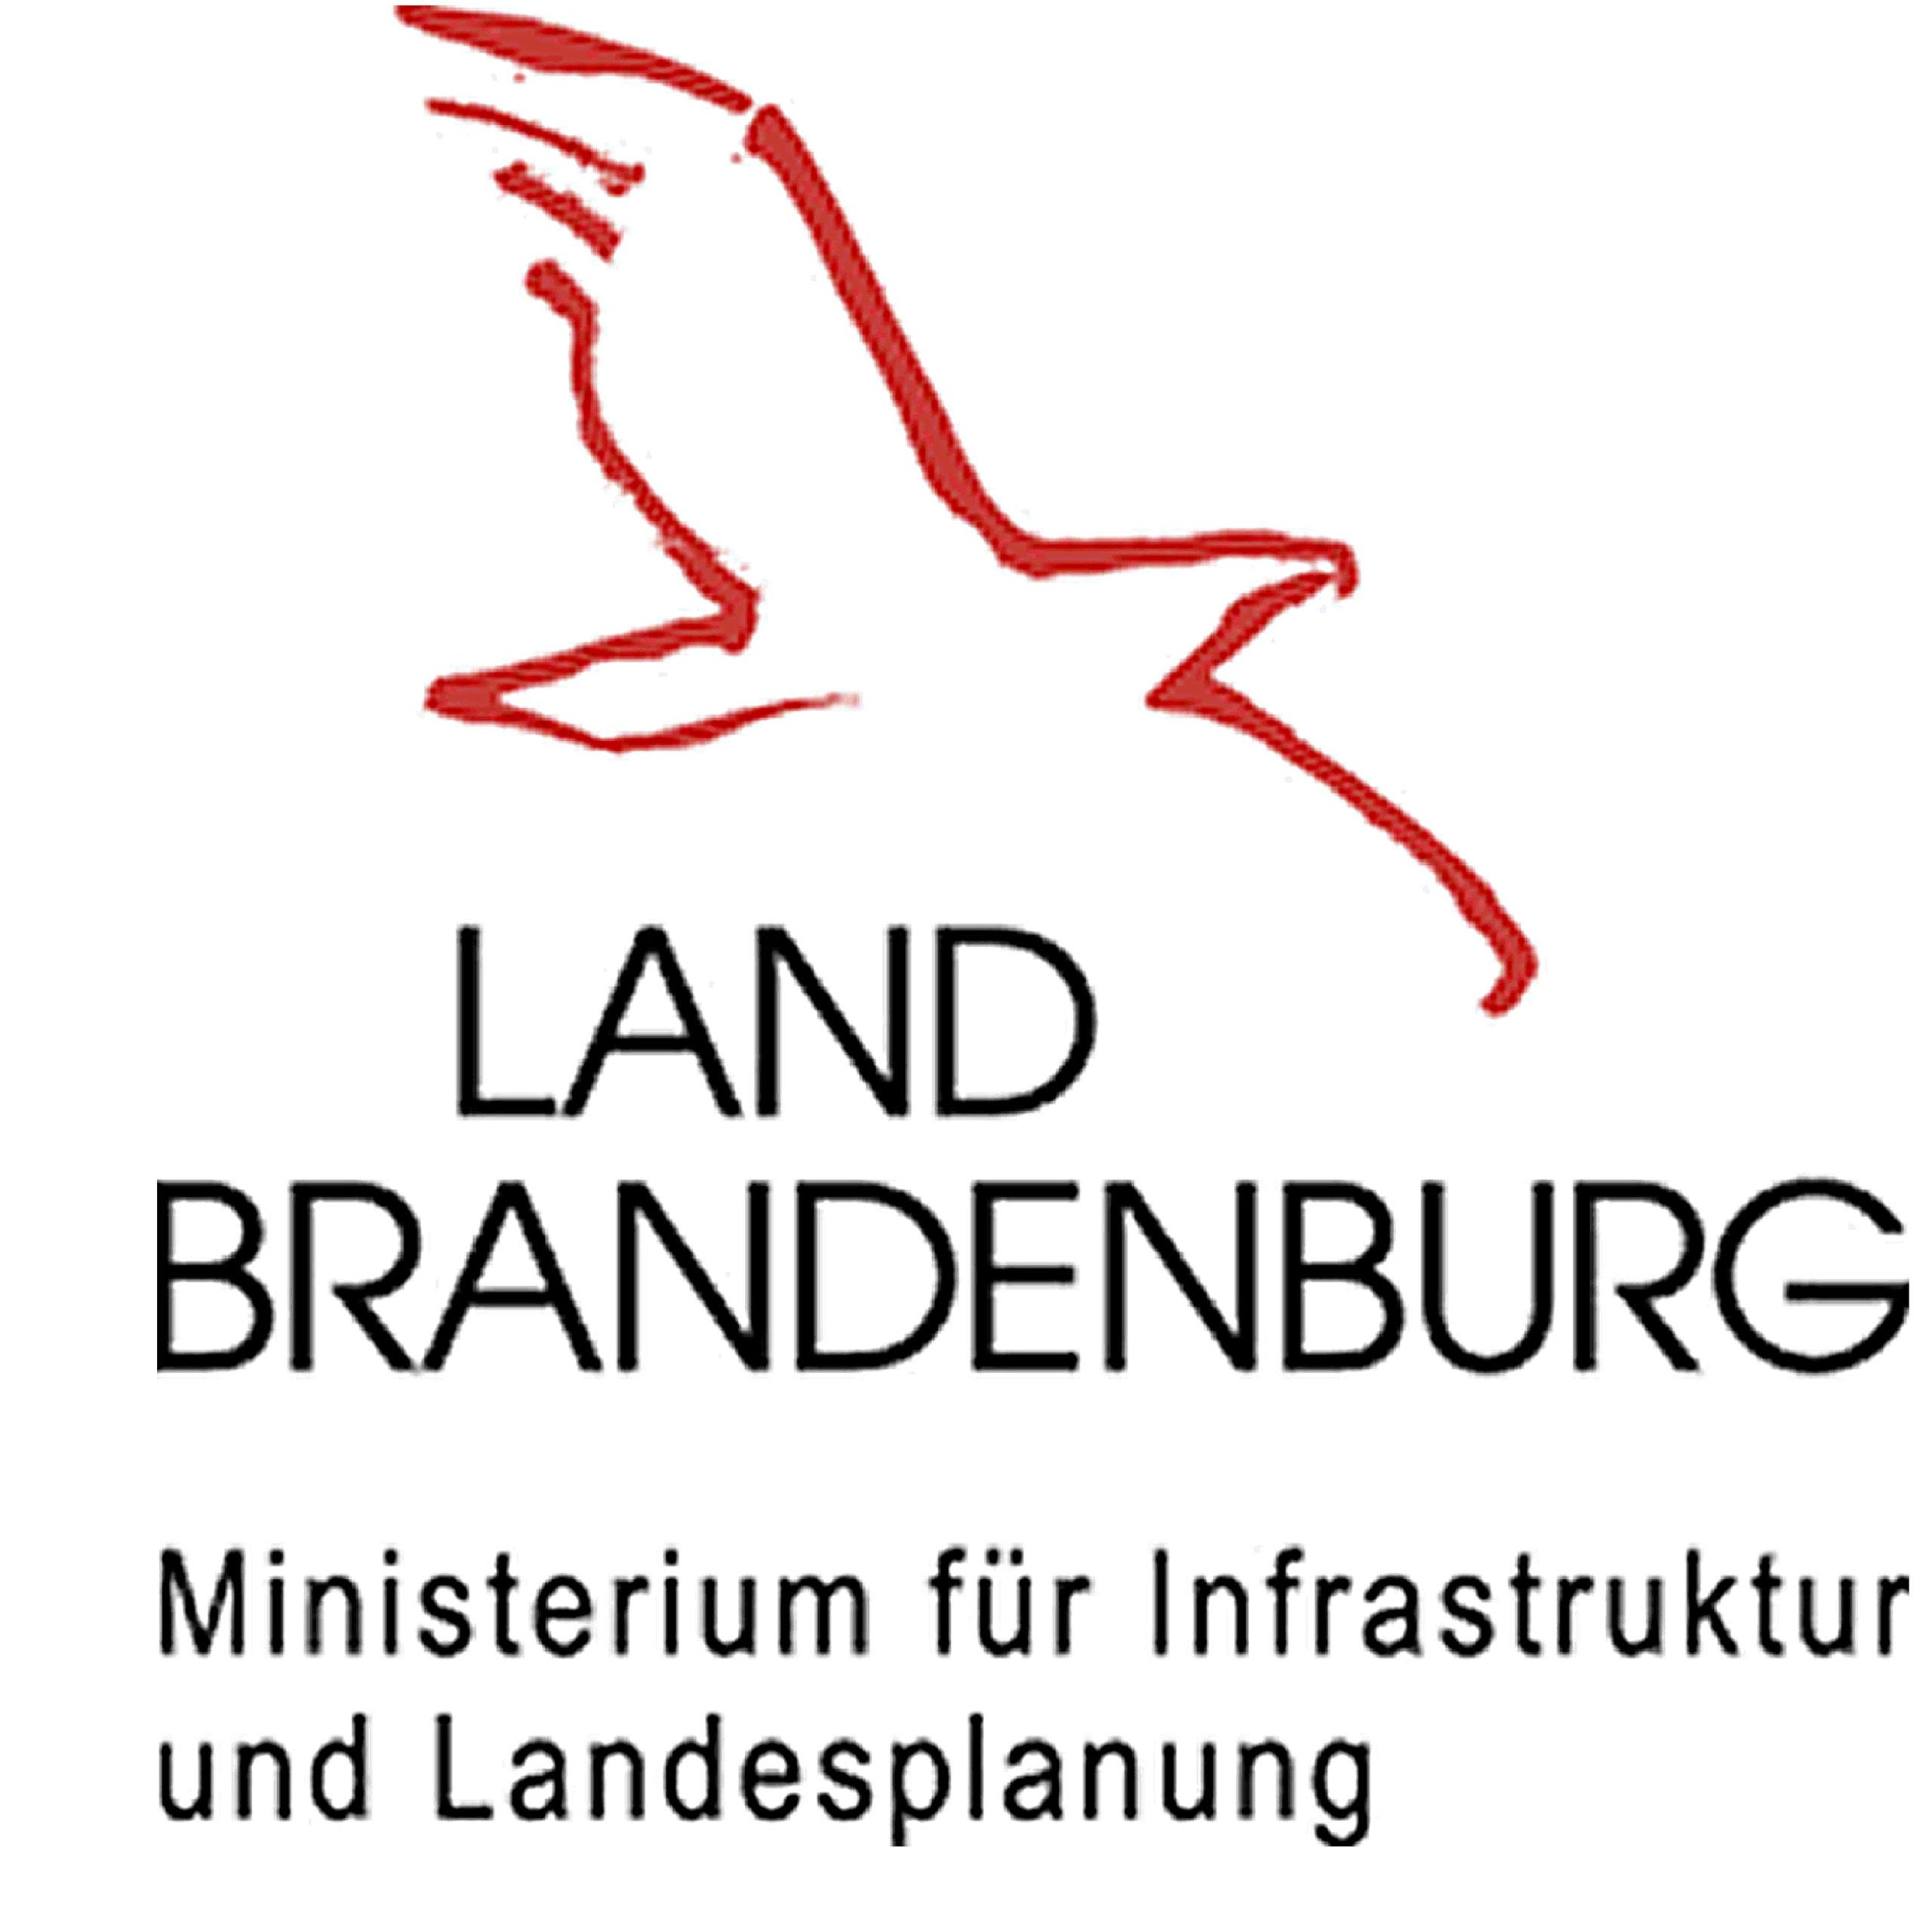 Logo des Ministerium für Infrastruktur und Landesplanung des Landes Brandenburg